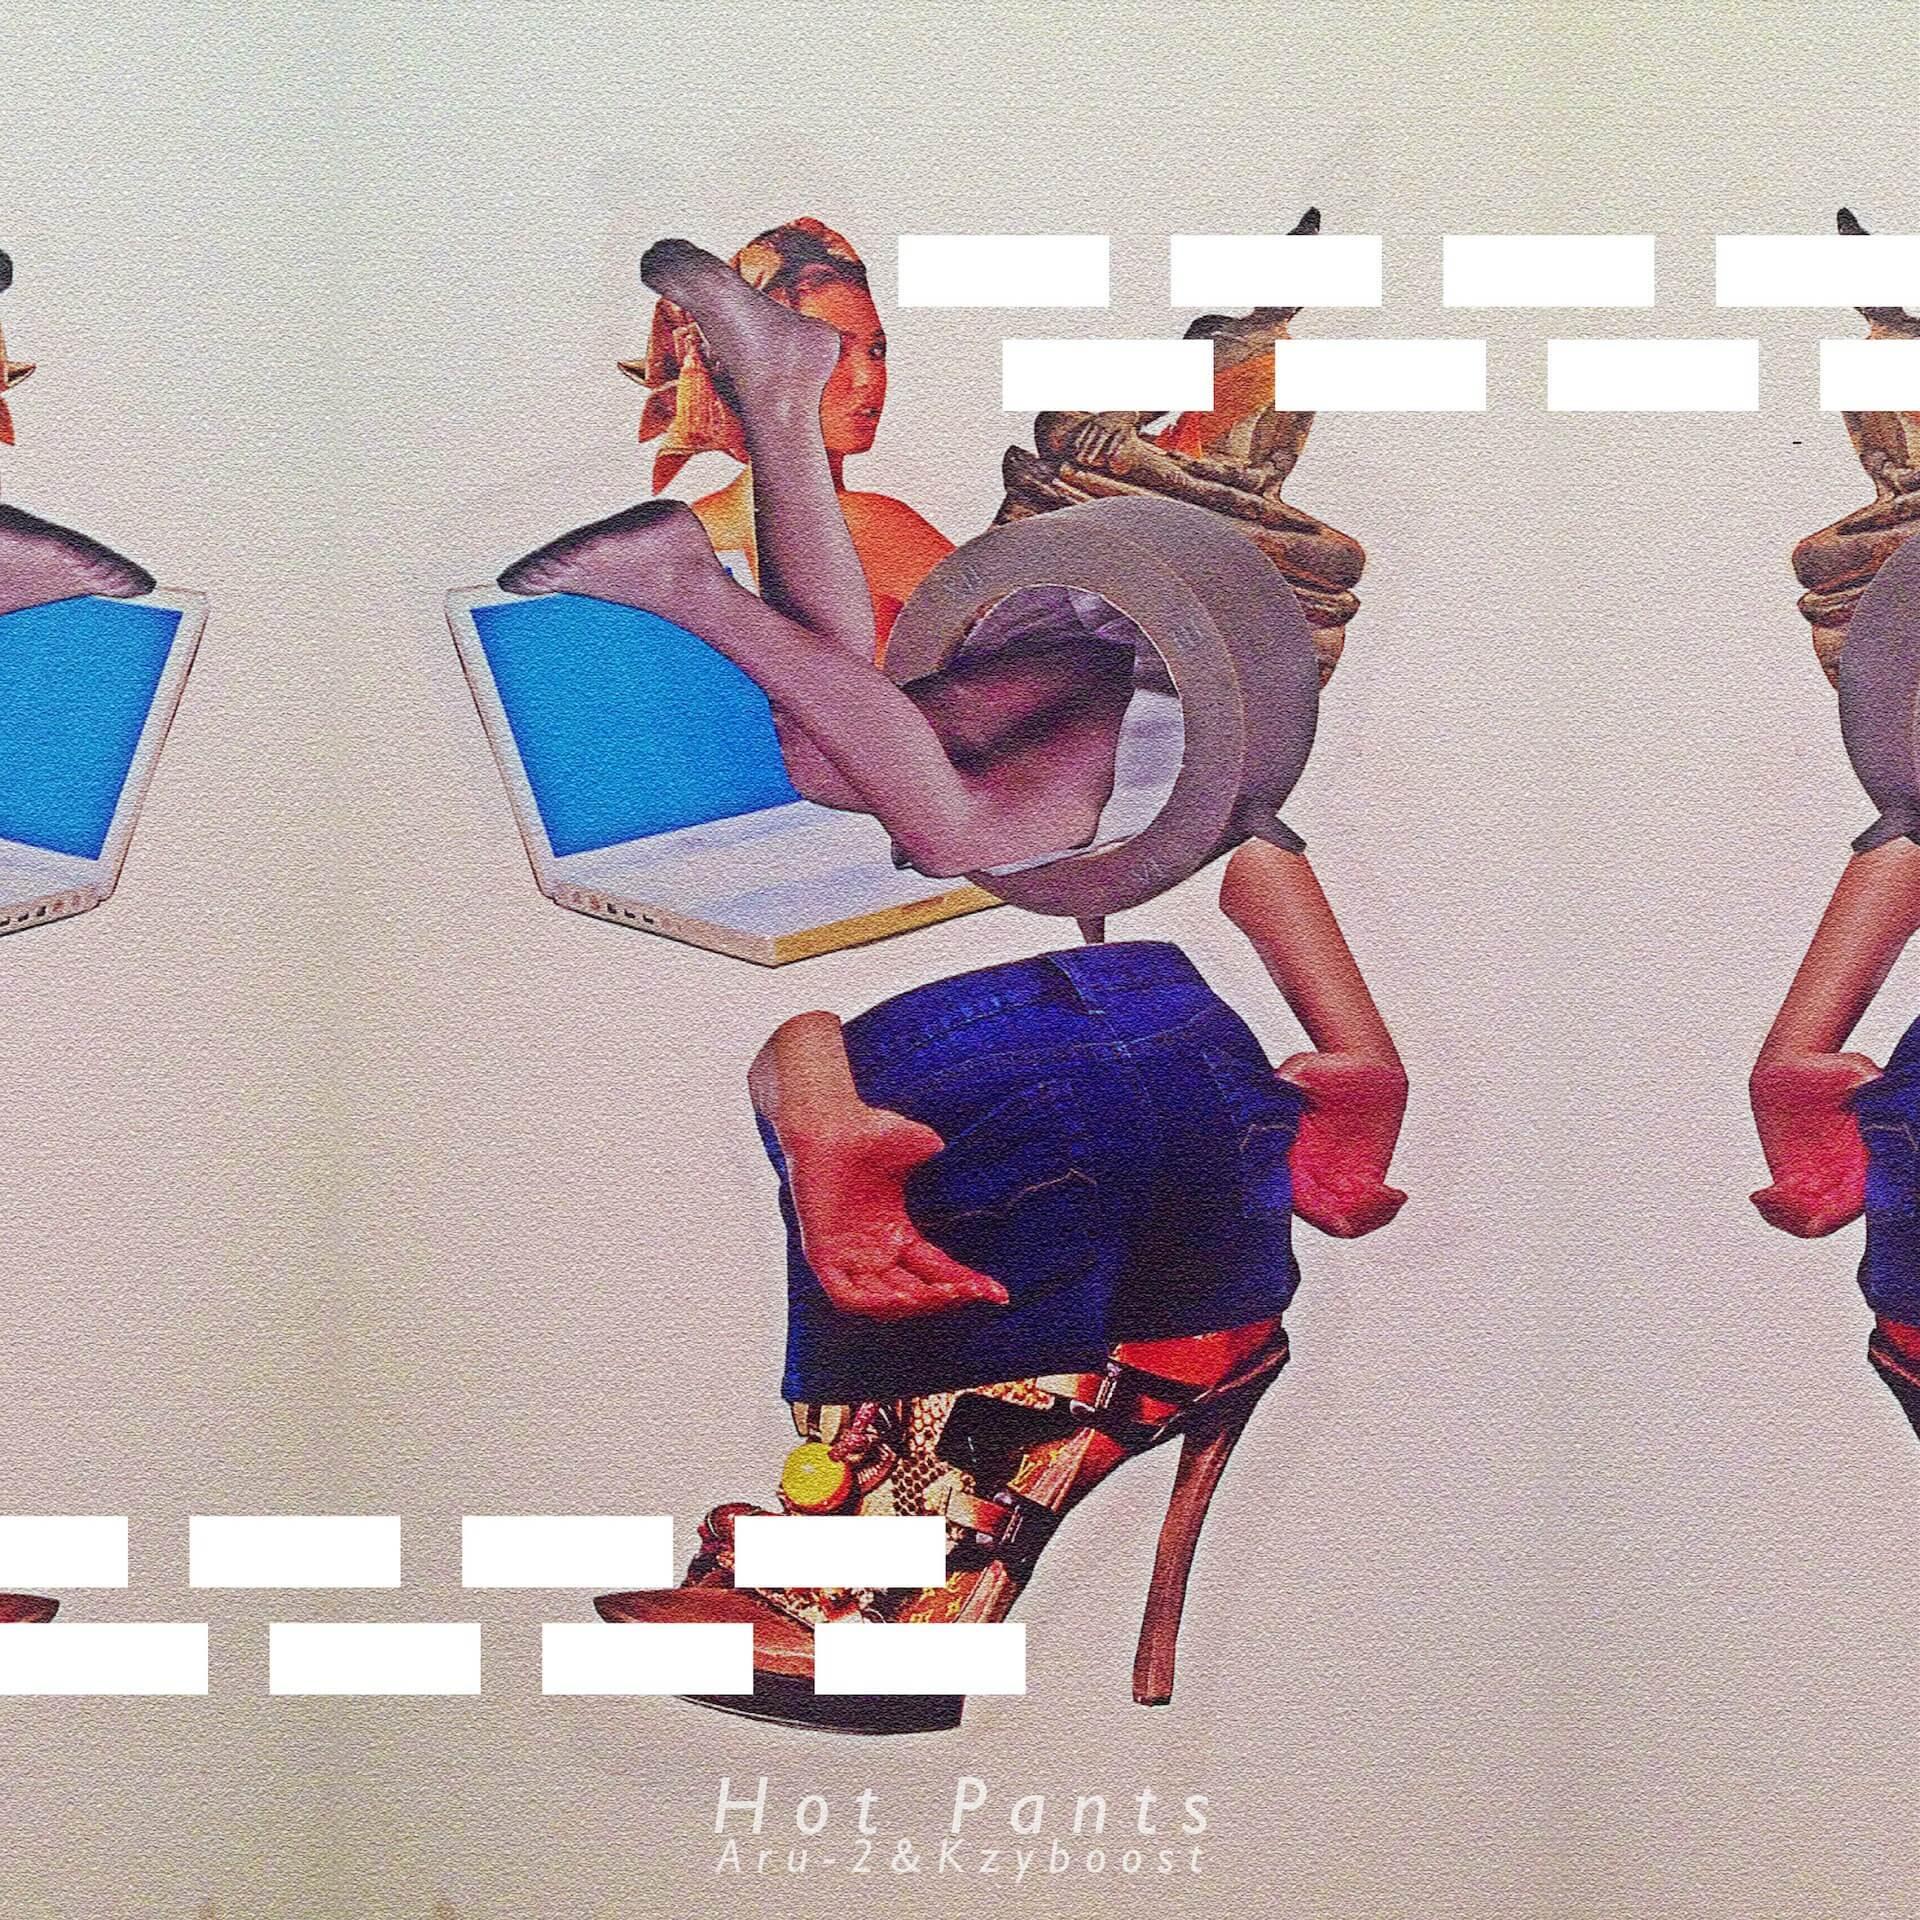 Aru-2&Kzyboost『Hot Pants』のCDが〈Bastard Jazz〉と〈astrollage〉から日米合同でリリース決定! music210621_Aru-2-Kzyboos1